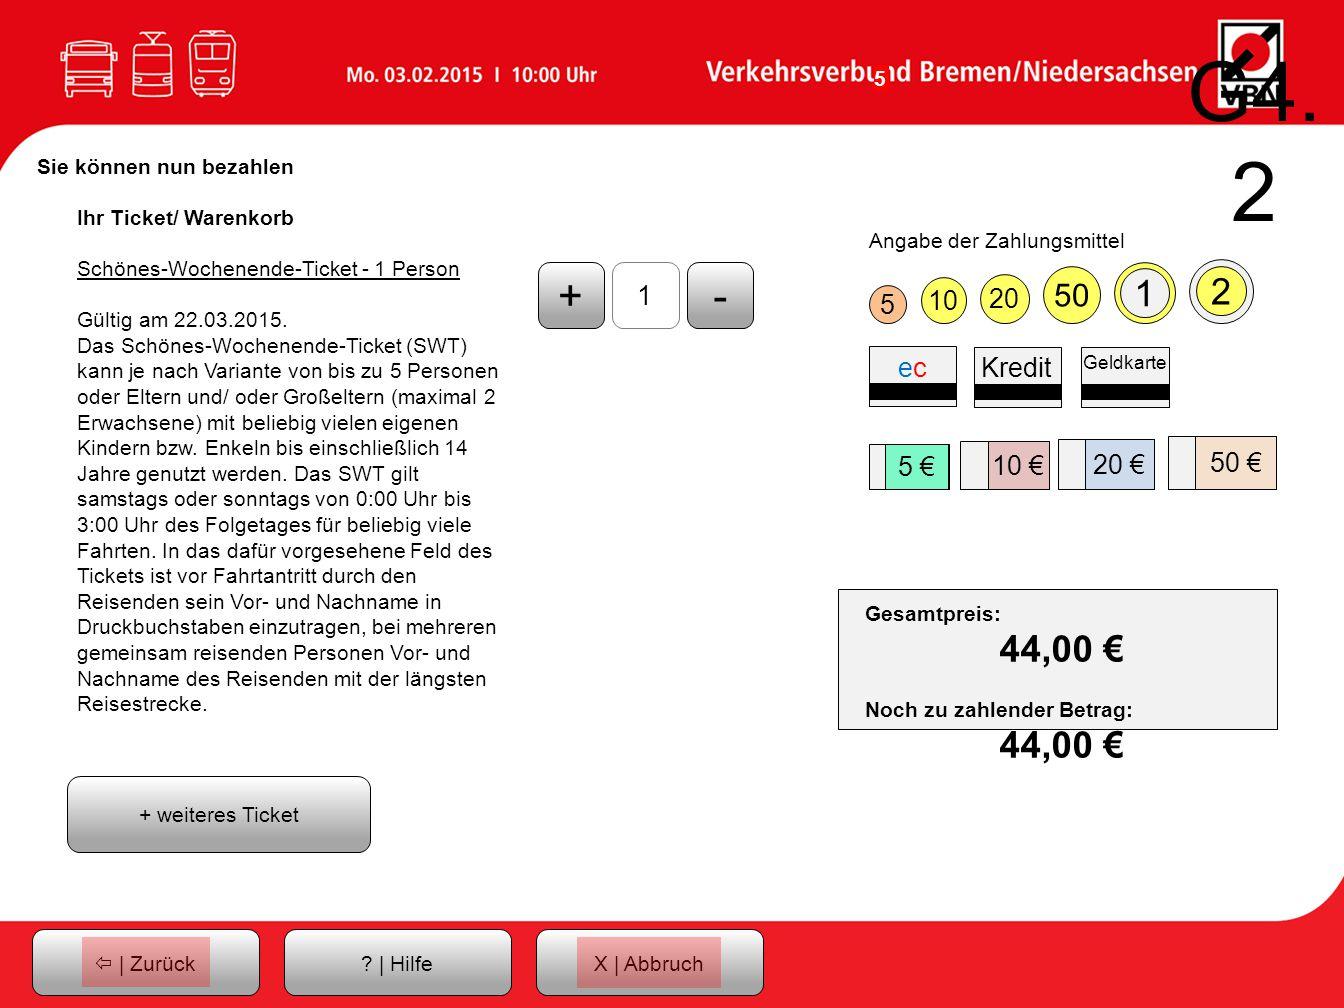 G4.2 Sie können nun bezahlen. Ihr Ticket/ Warenkorb. Schönes-Wochenende-Ticket - 1 Person. Gültig am 22.03.2015.